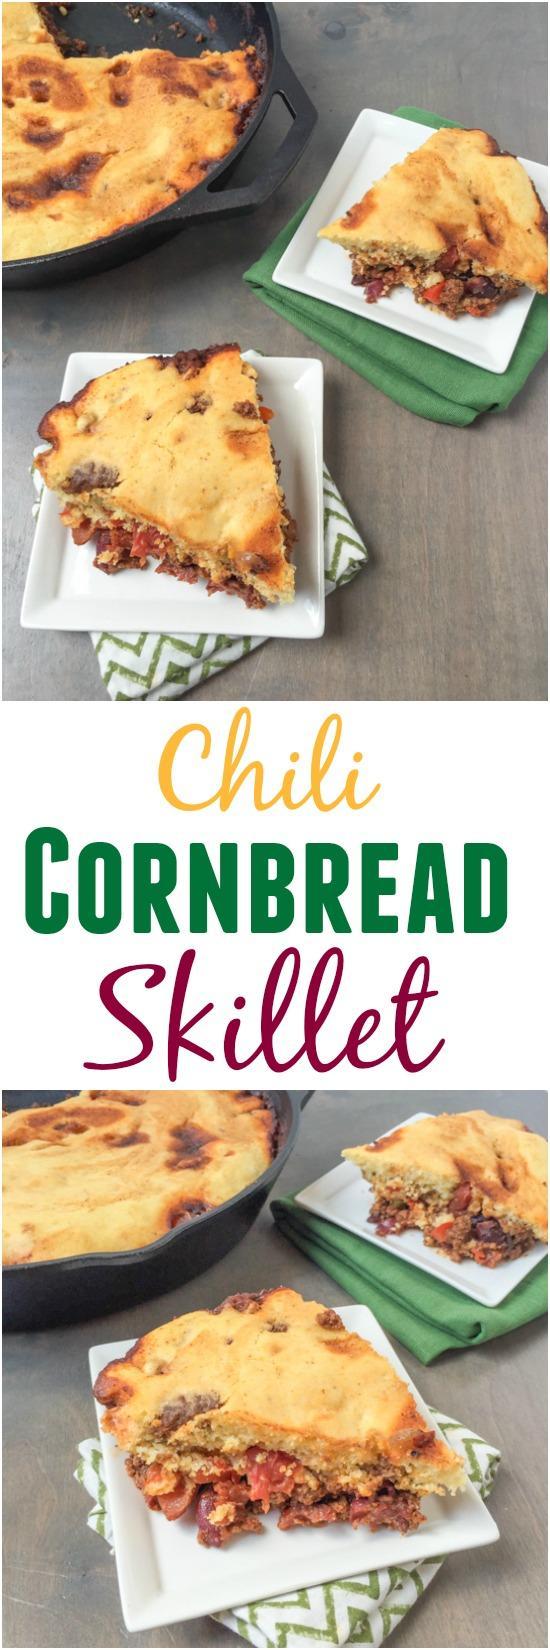 Chili Cornbread Skillet